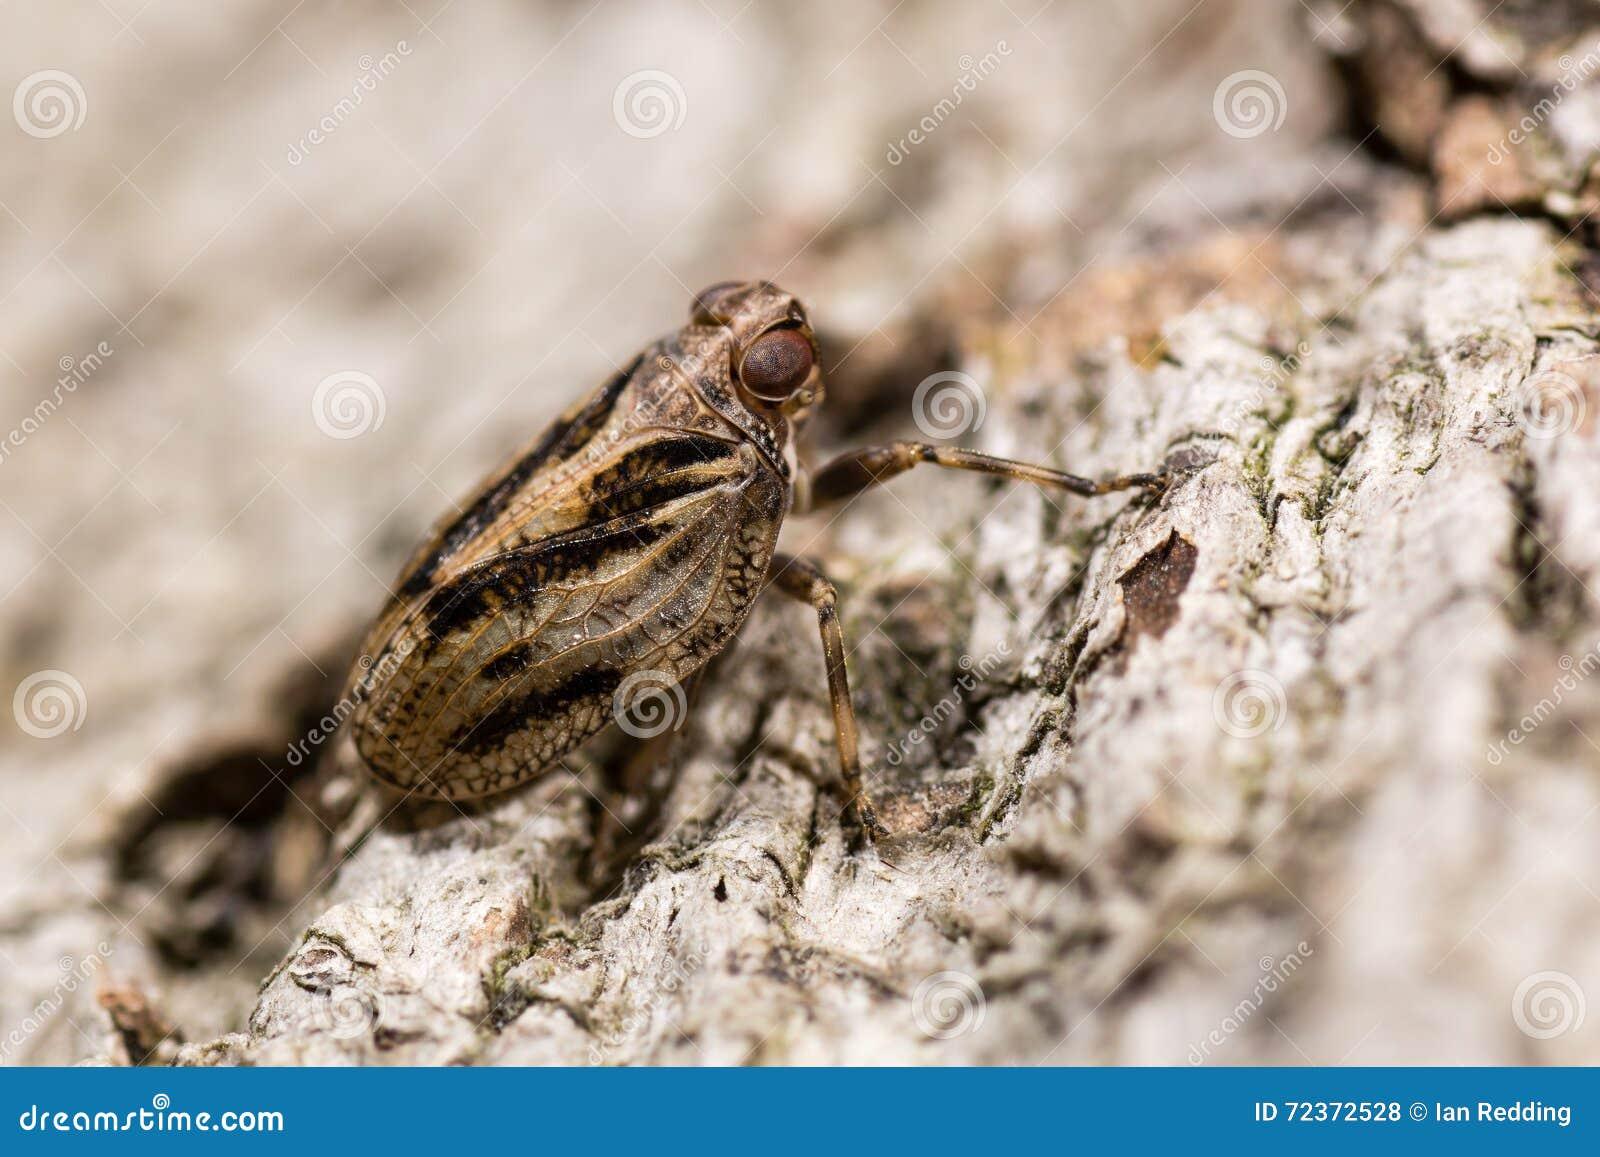 Issus coleoptratus (Homoptera)